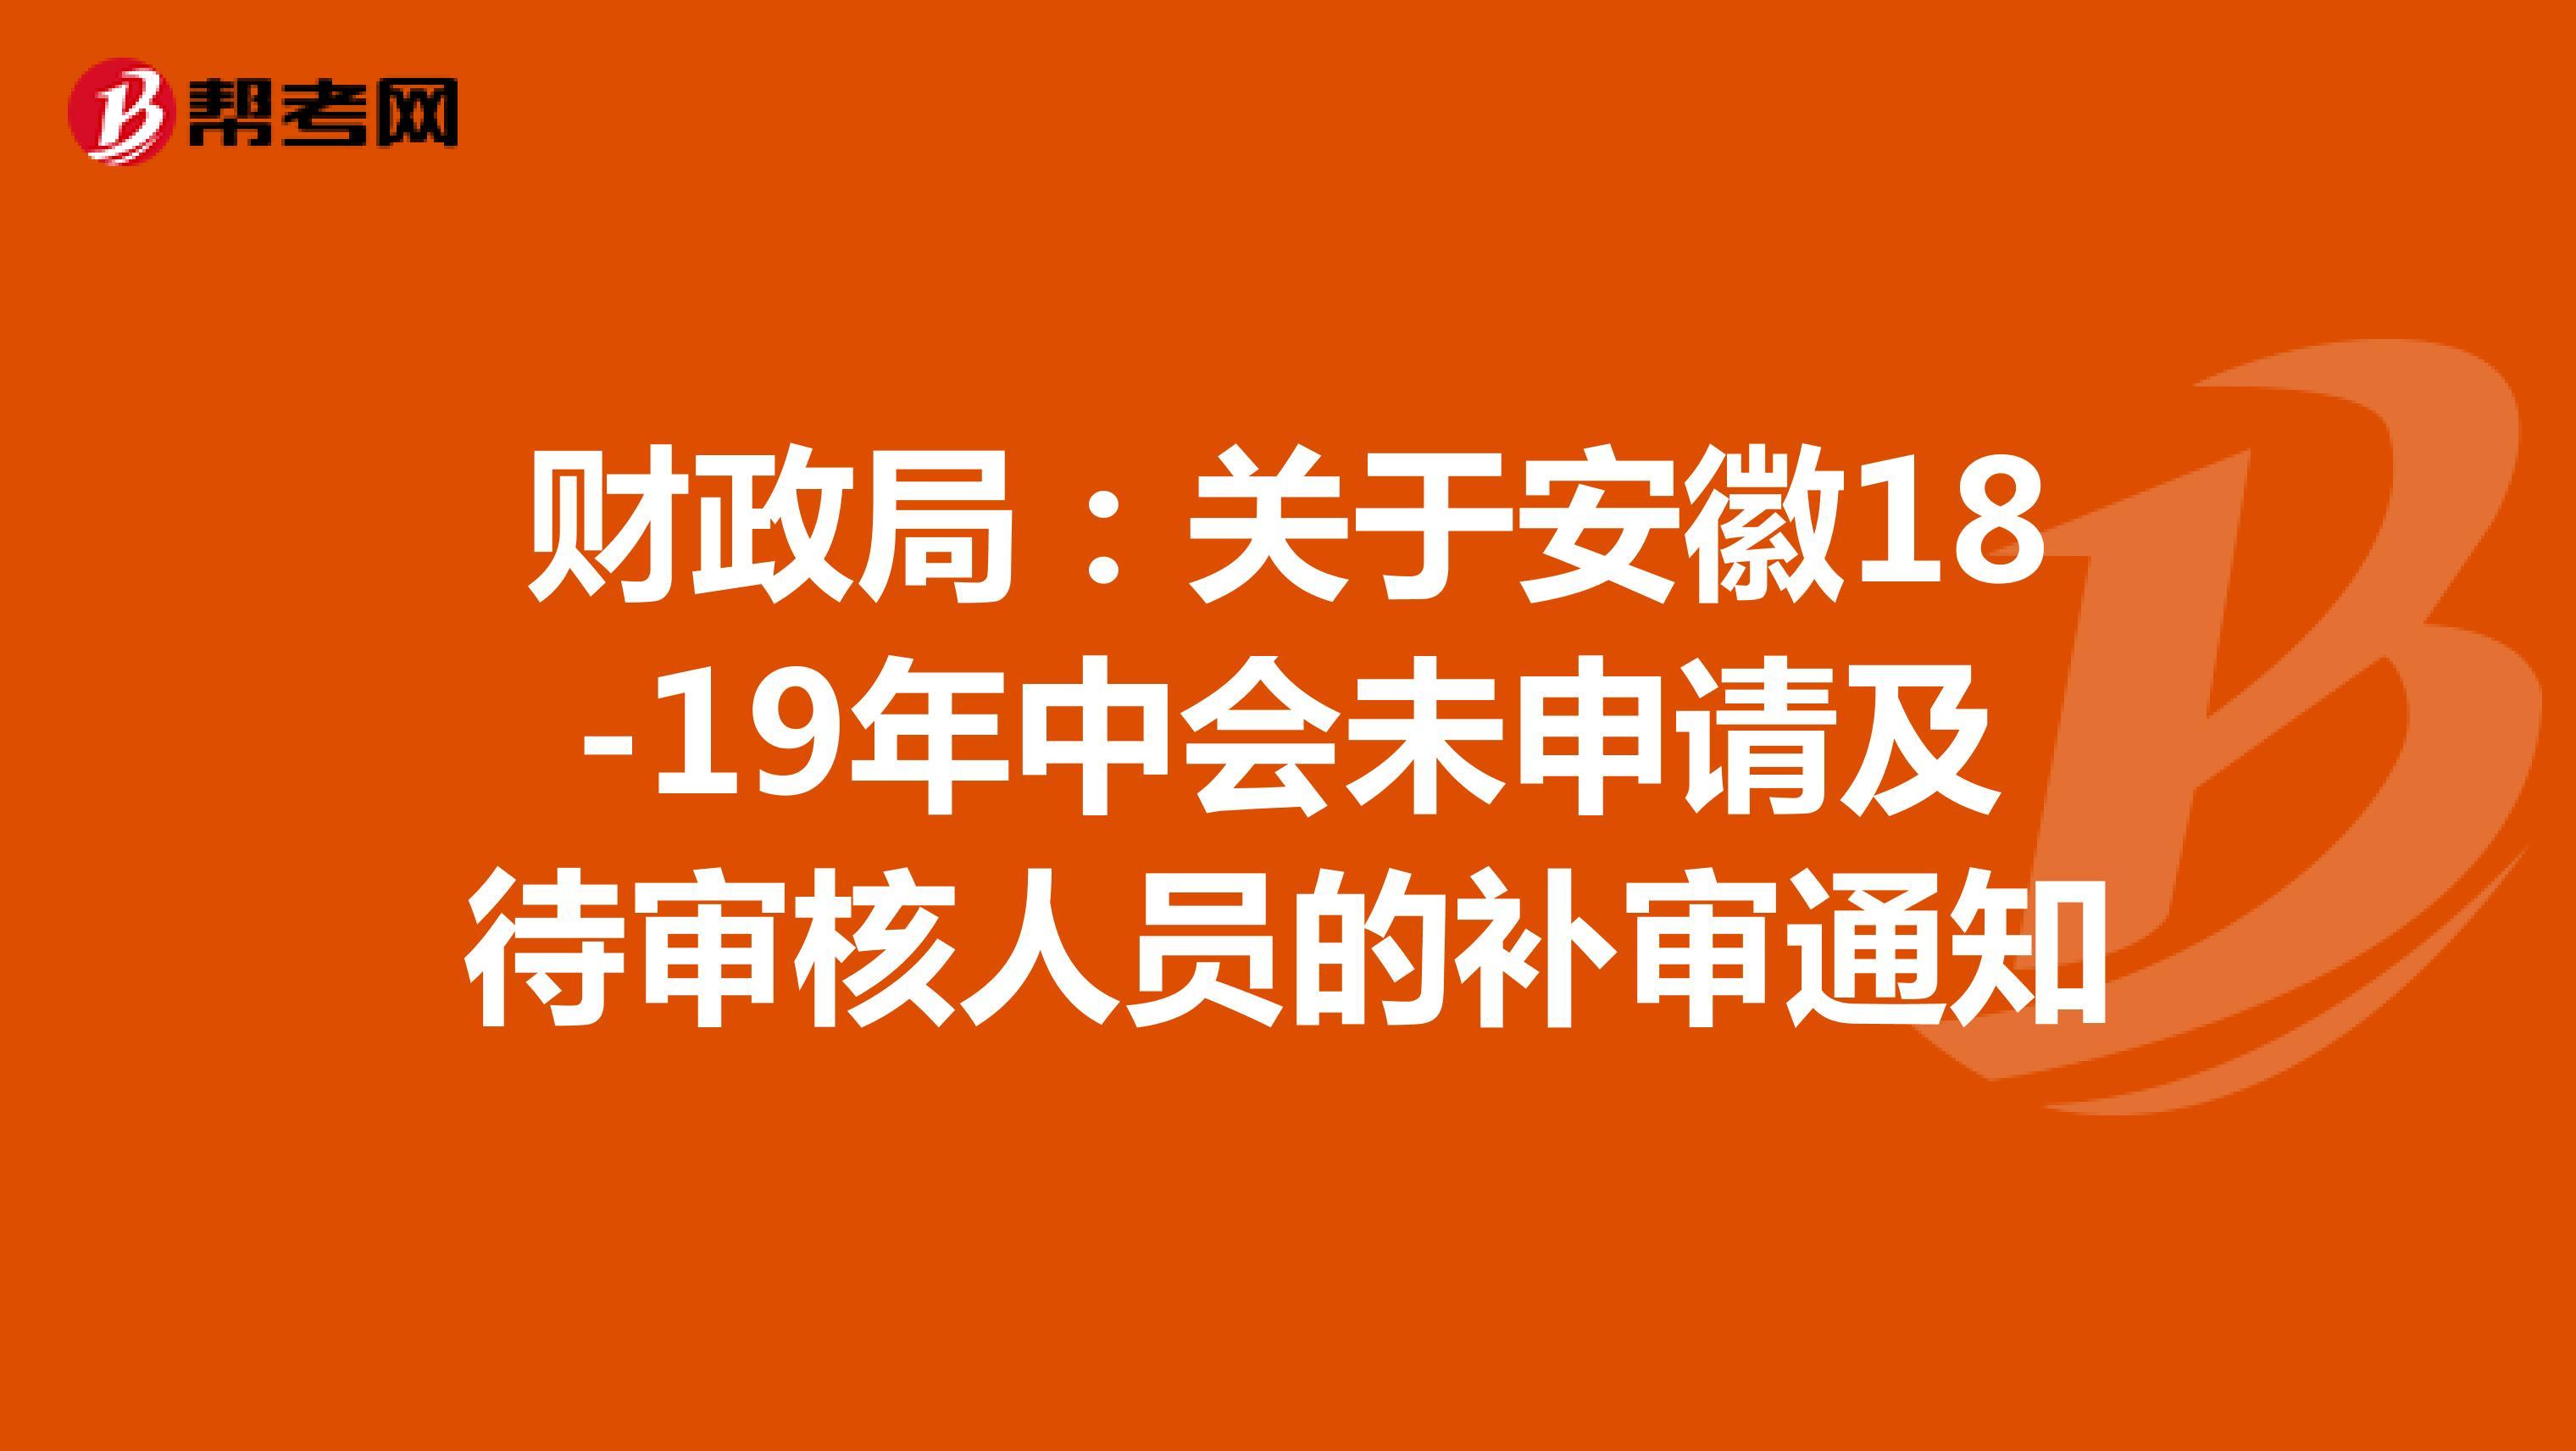 財政局:關于安徽18-19年中會未申請及待審核人員的補審通知